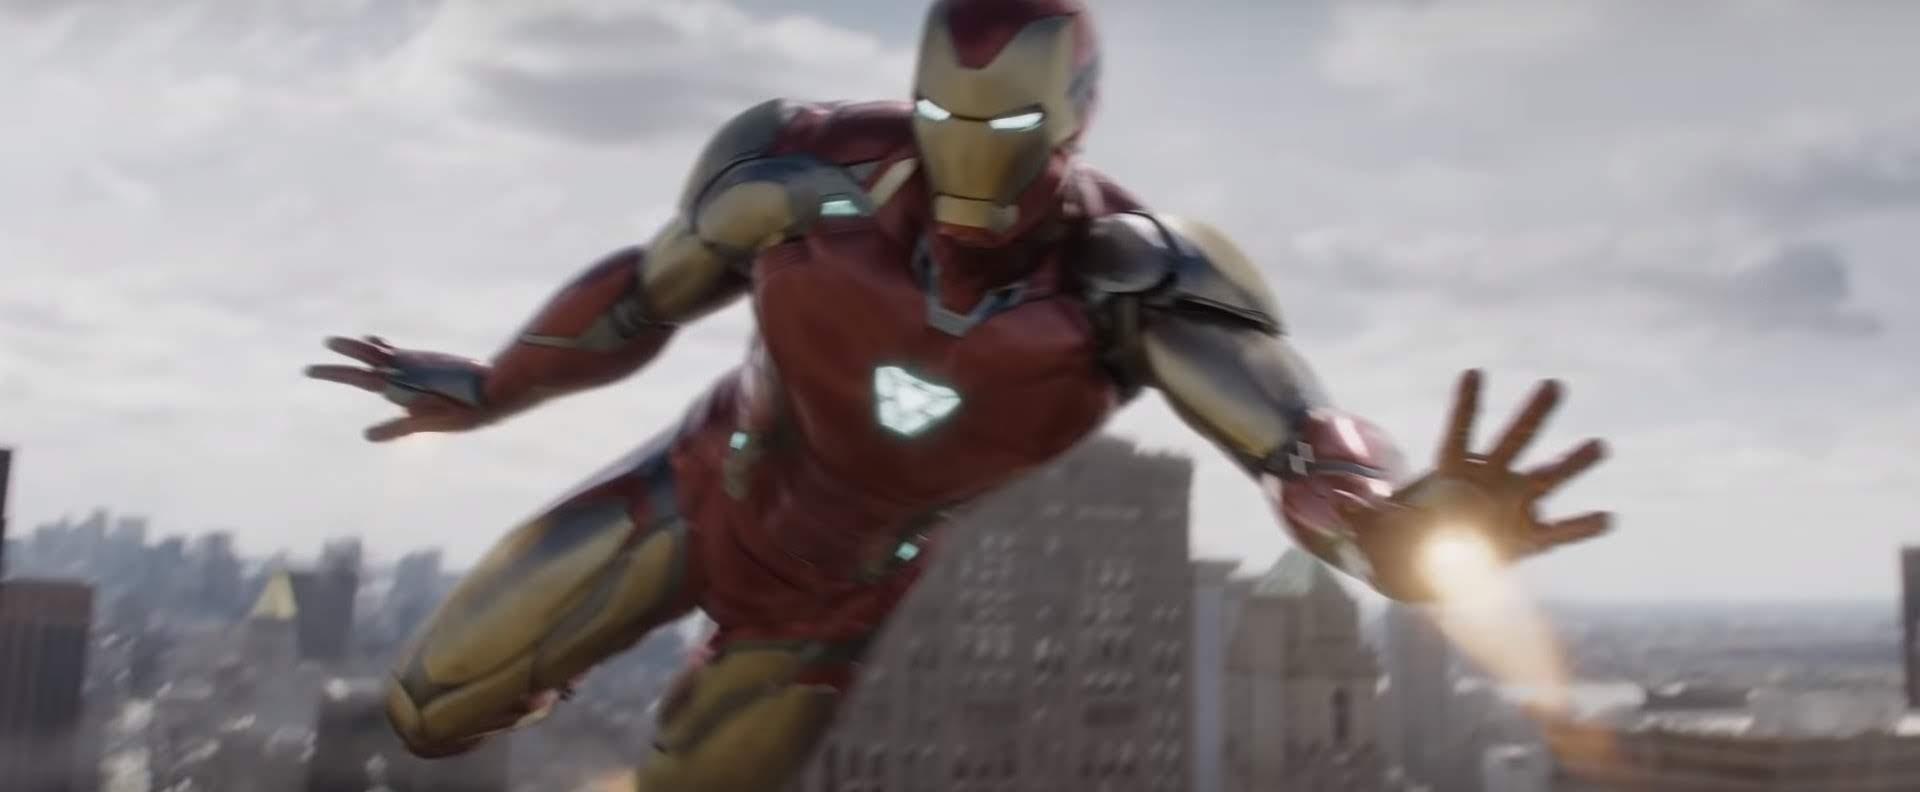 Avengers Endgame : 全世界で大ヒット中のコミックヒーロー映画の最高傑作「アベンジャーズ : エンドゲーム」が、早くも Blu-ray の予約受付をスタート ! !、スチールブック仕様のジャケットのデザインを初公開 ! !